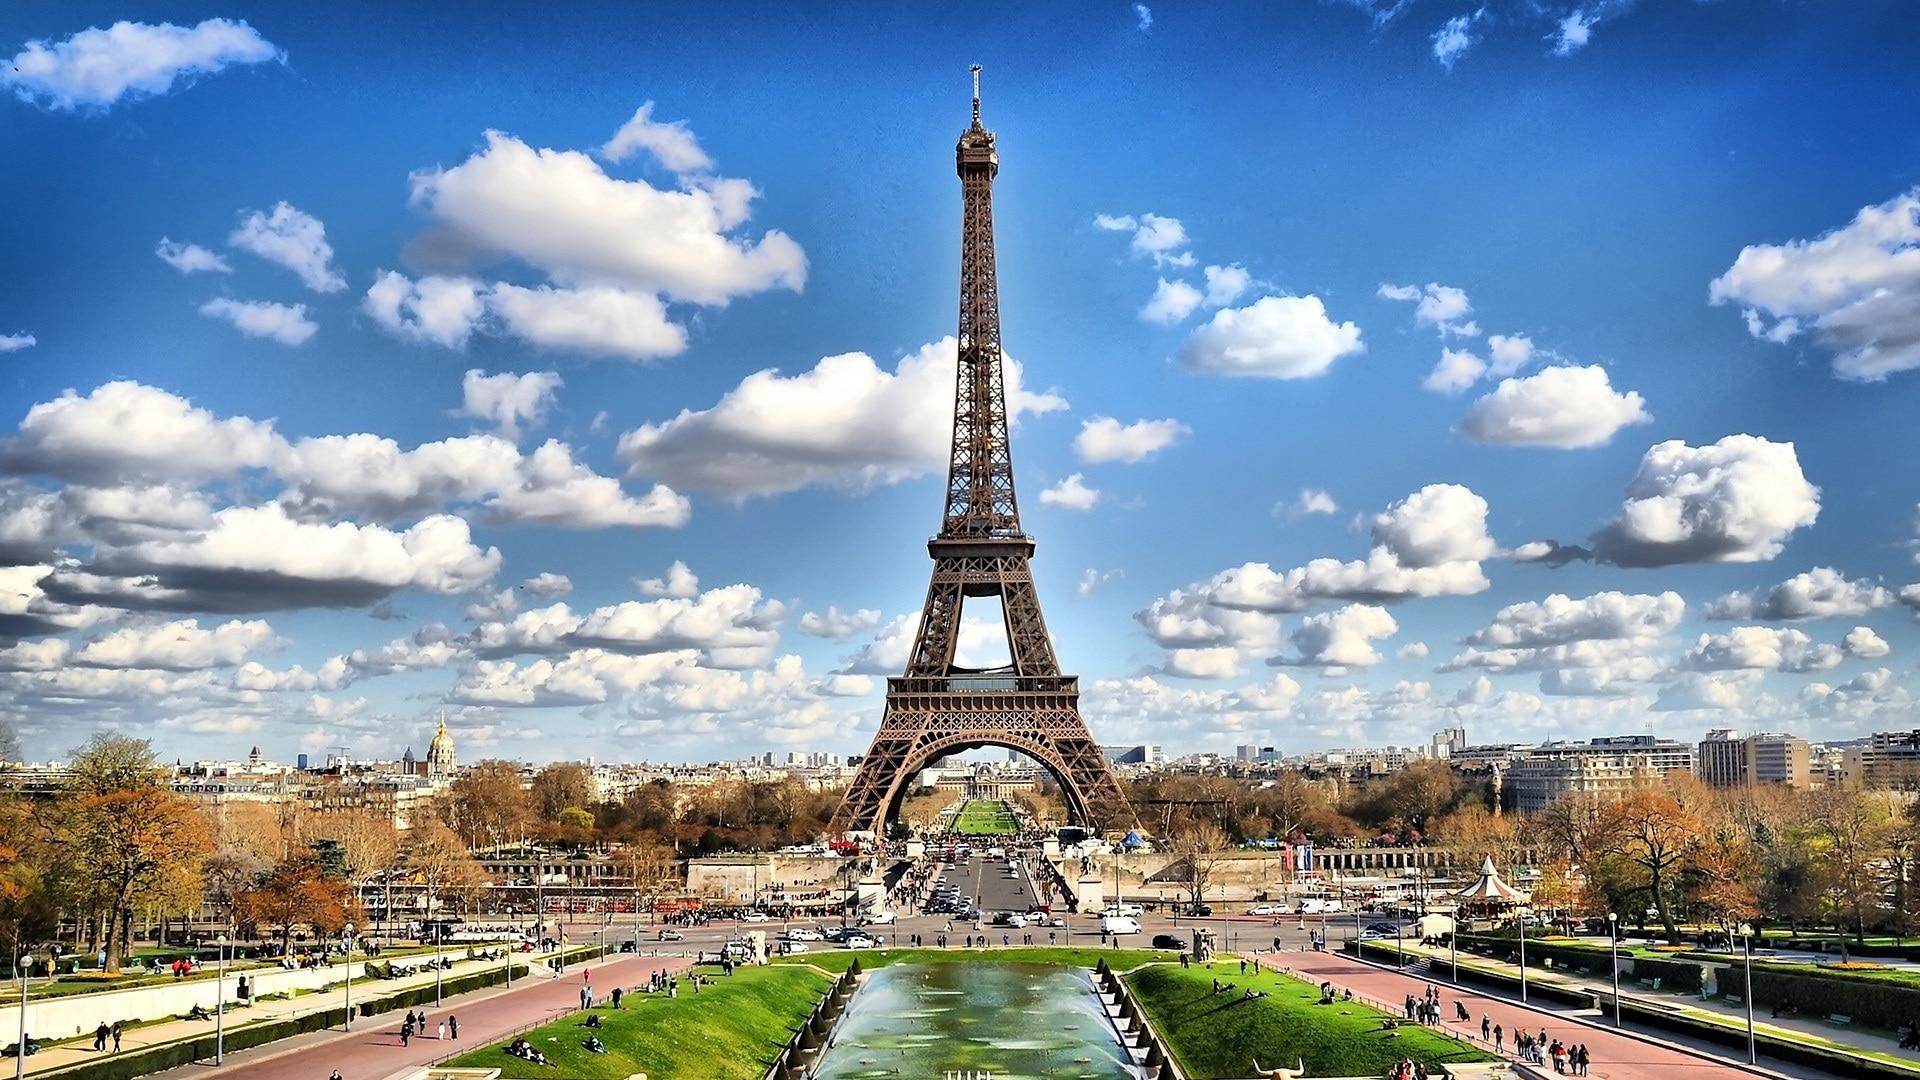 Paris a beau être la plus belle ville du monde, y trouver un logement